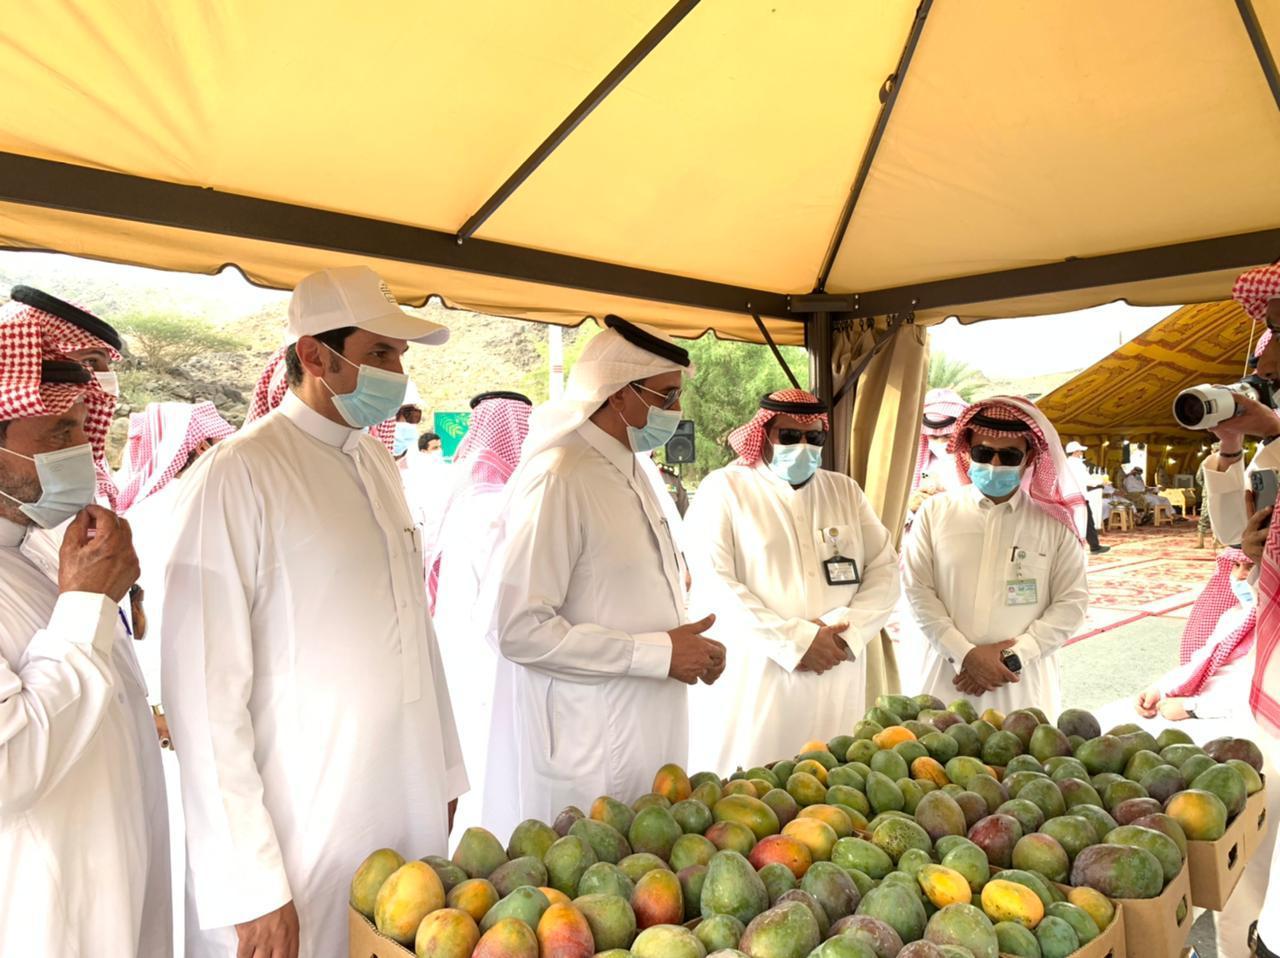 انطلاق المهرجان الأول للمانجو بمركز الفرشة في محافظة سراة عبيدة